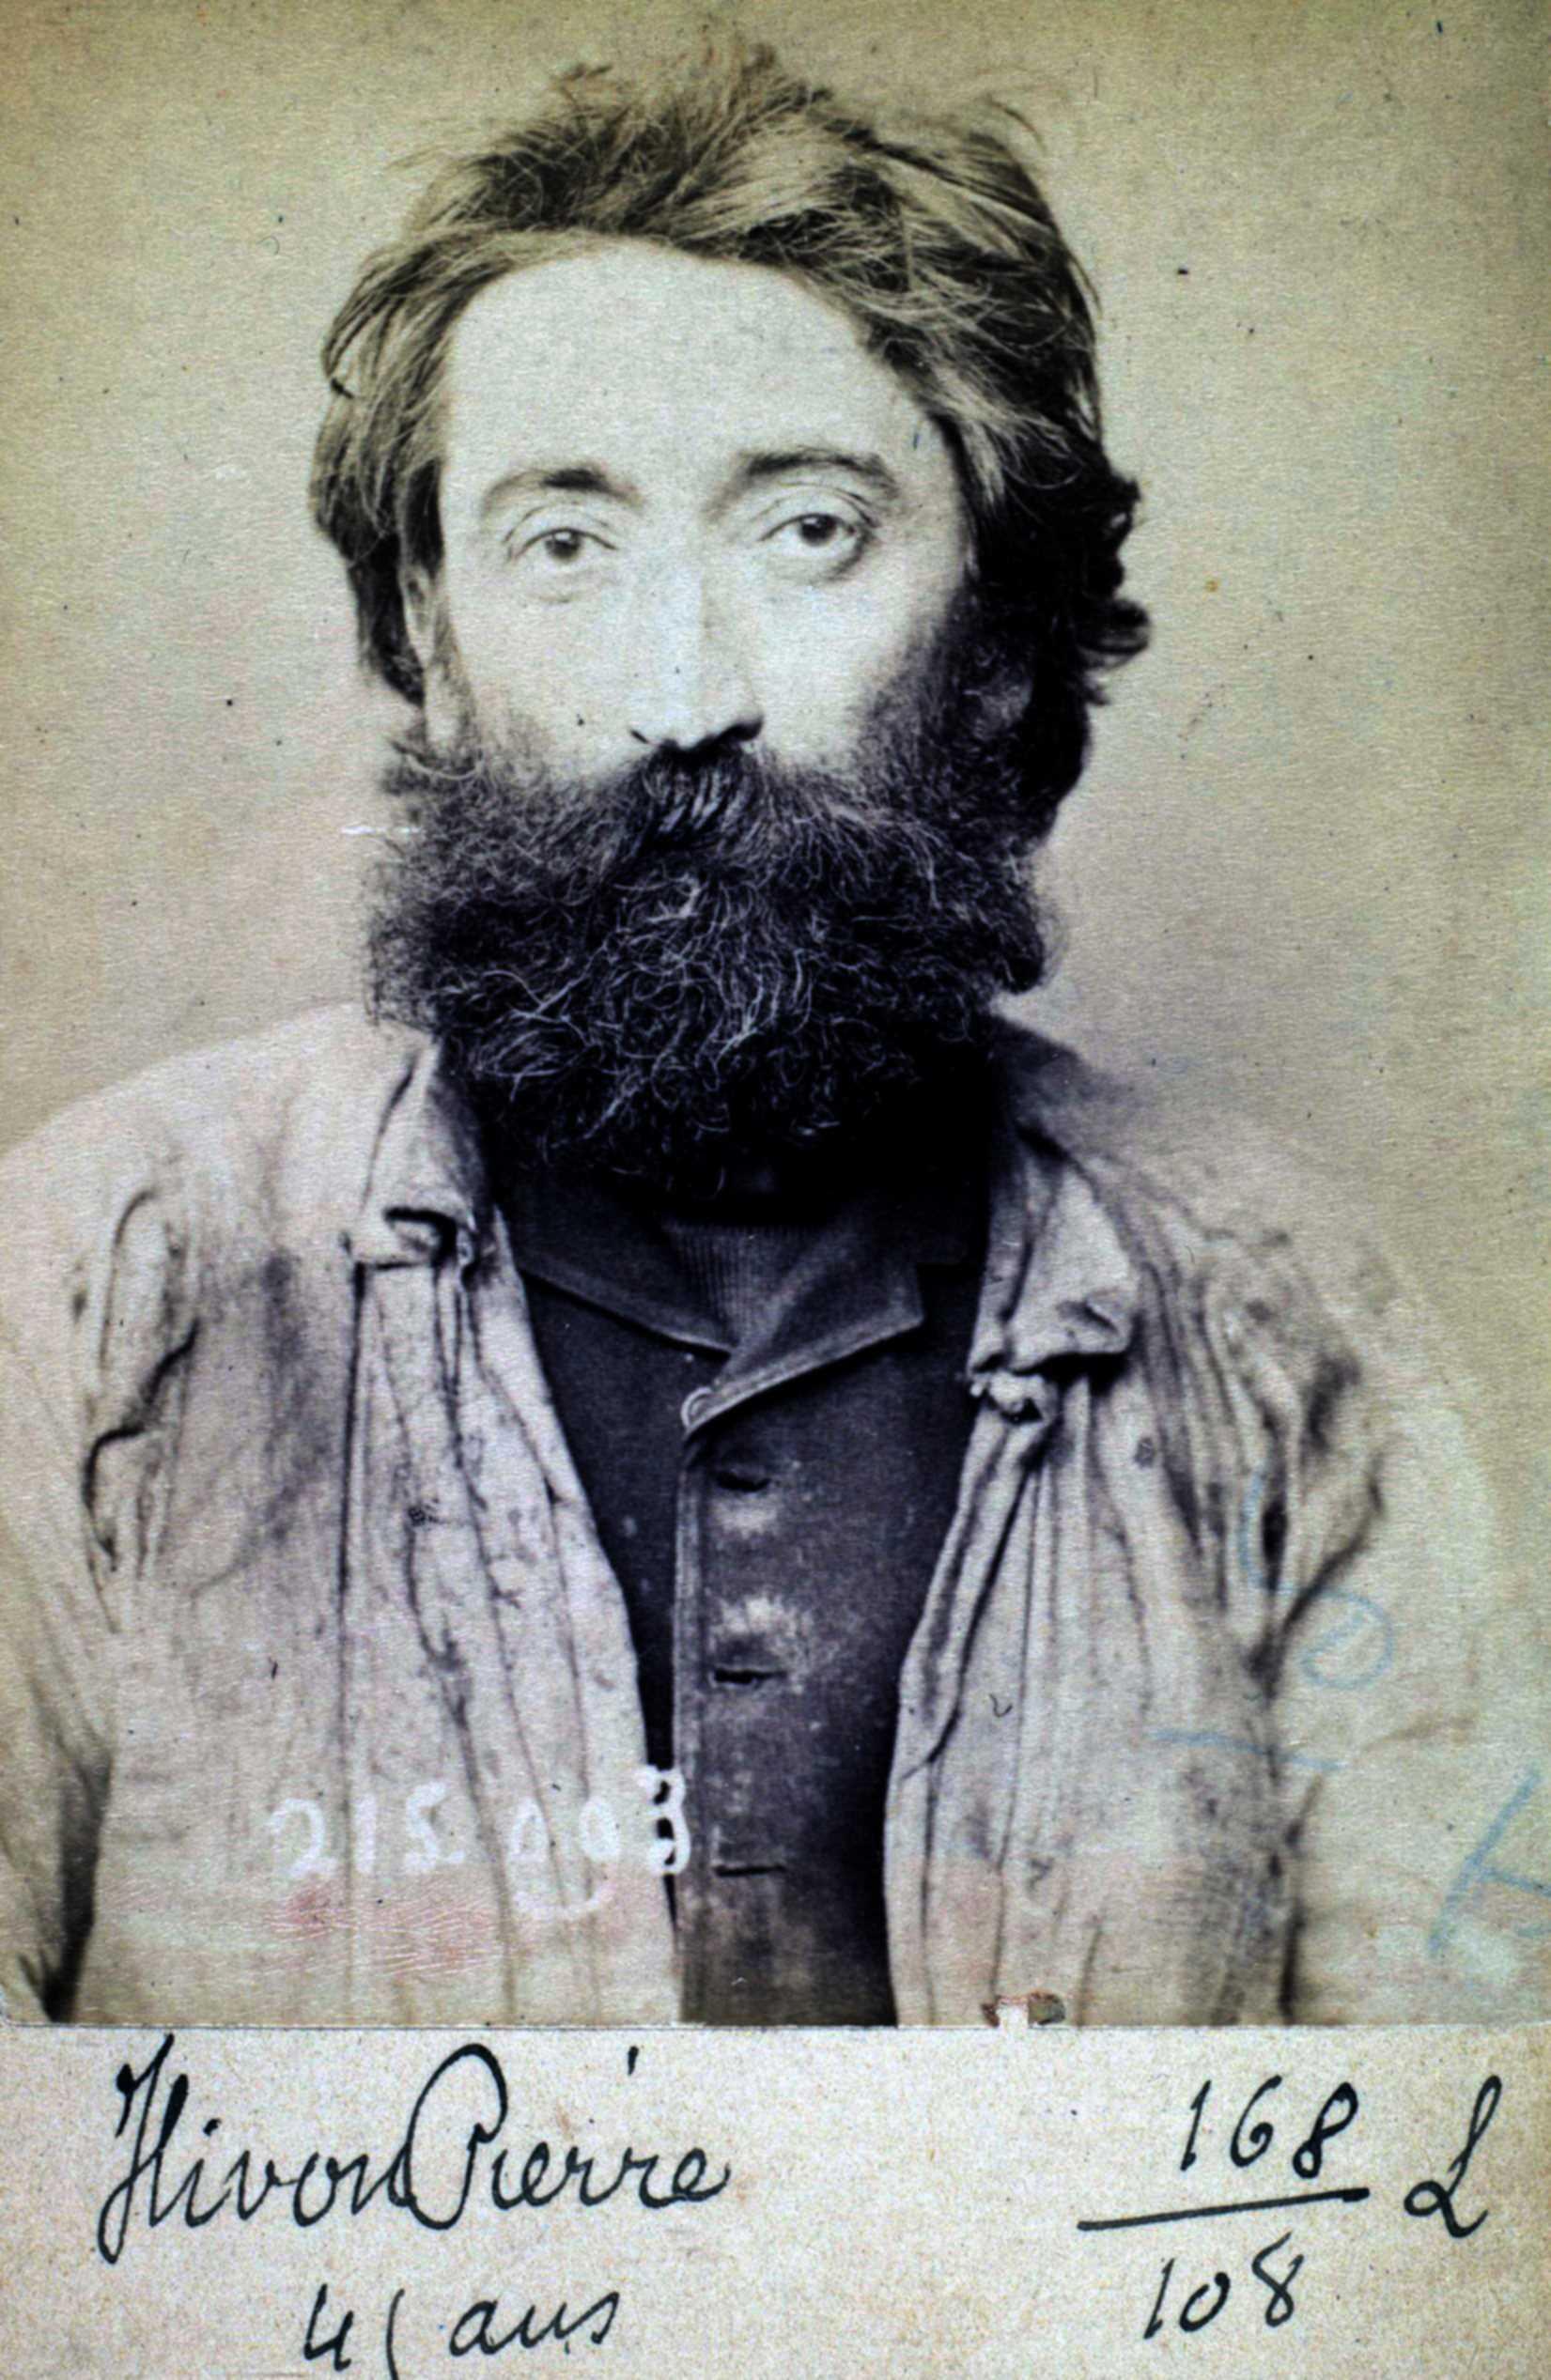 Foto policíaca de Pierre Hyvon (4 de març de 1894)